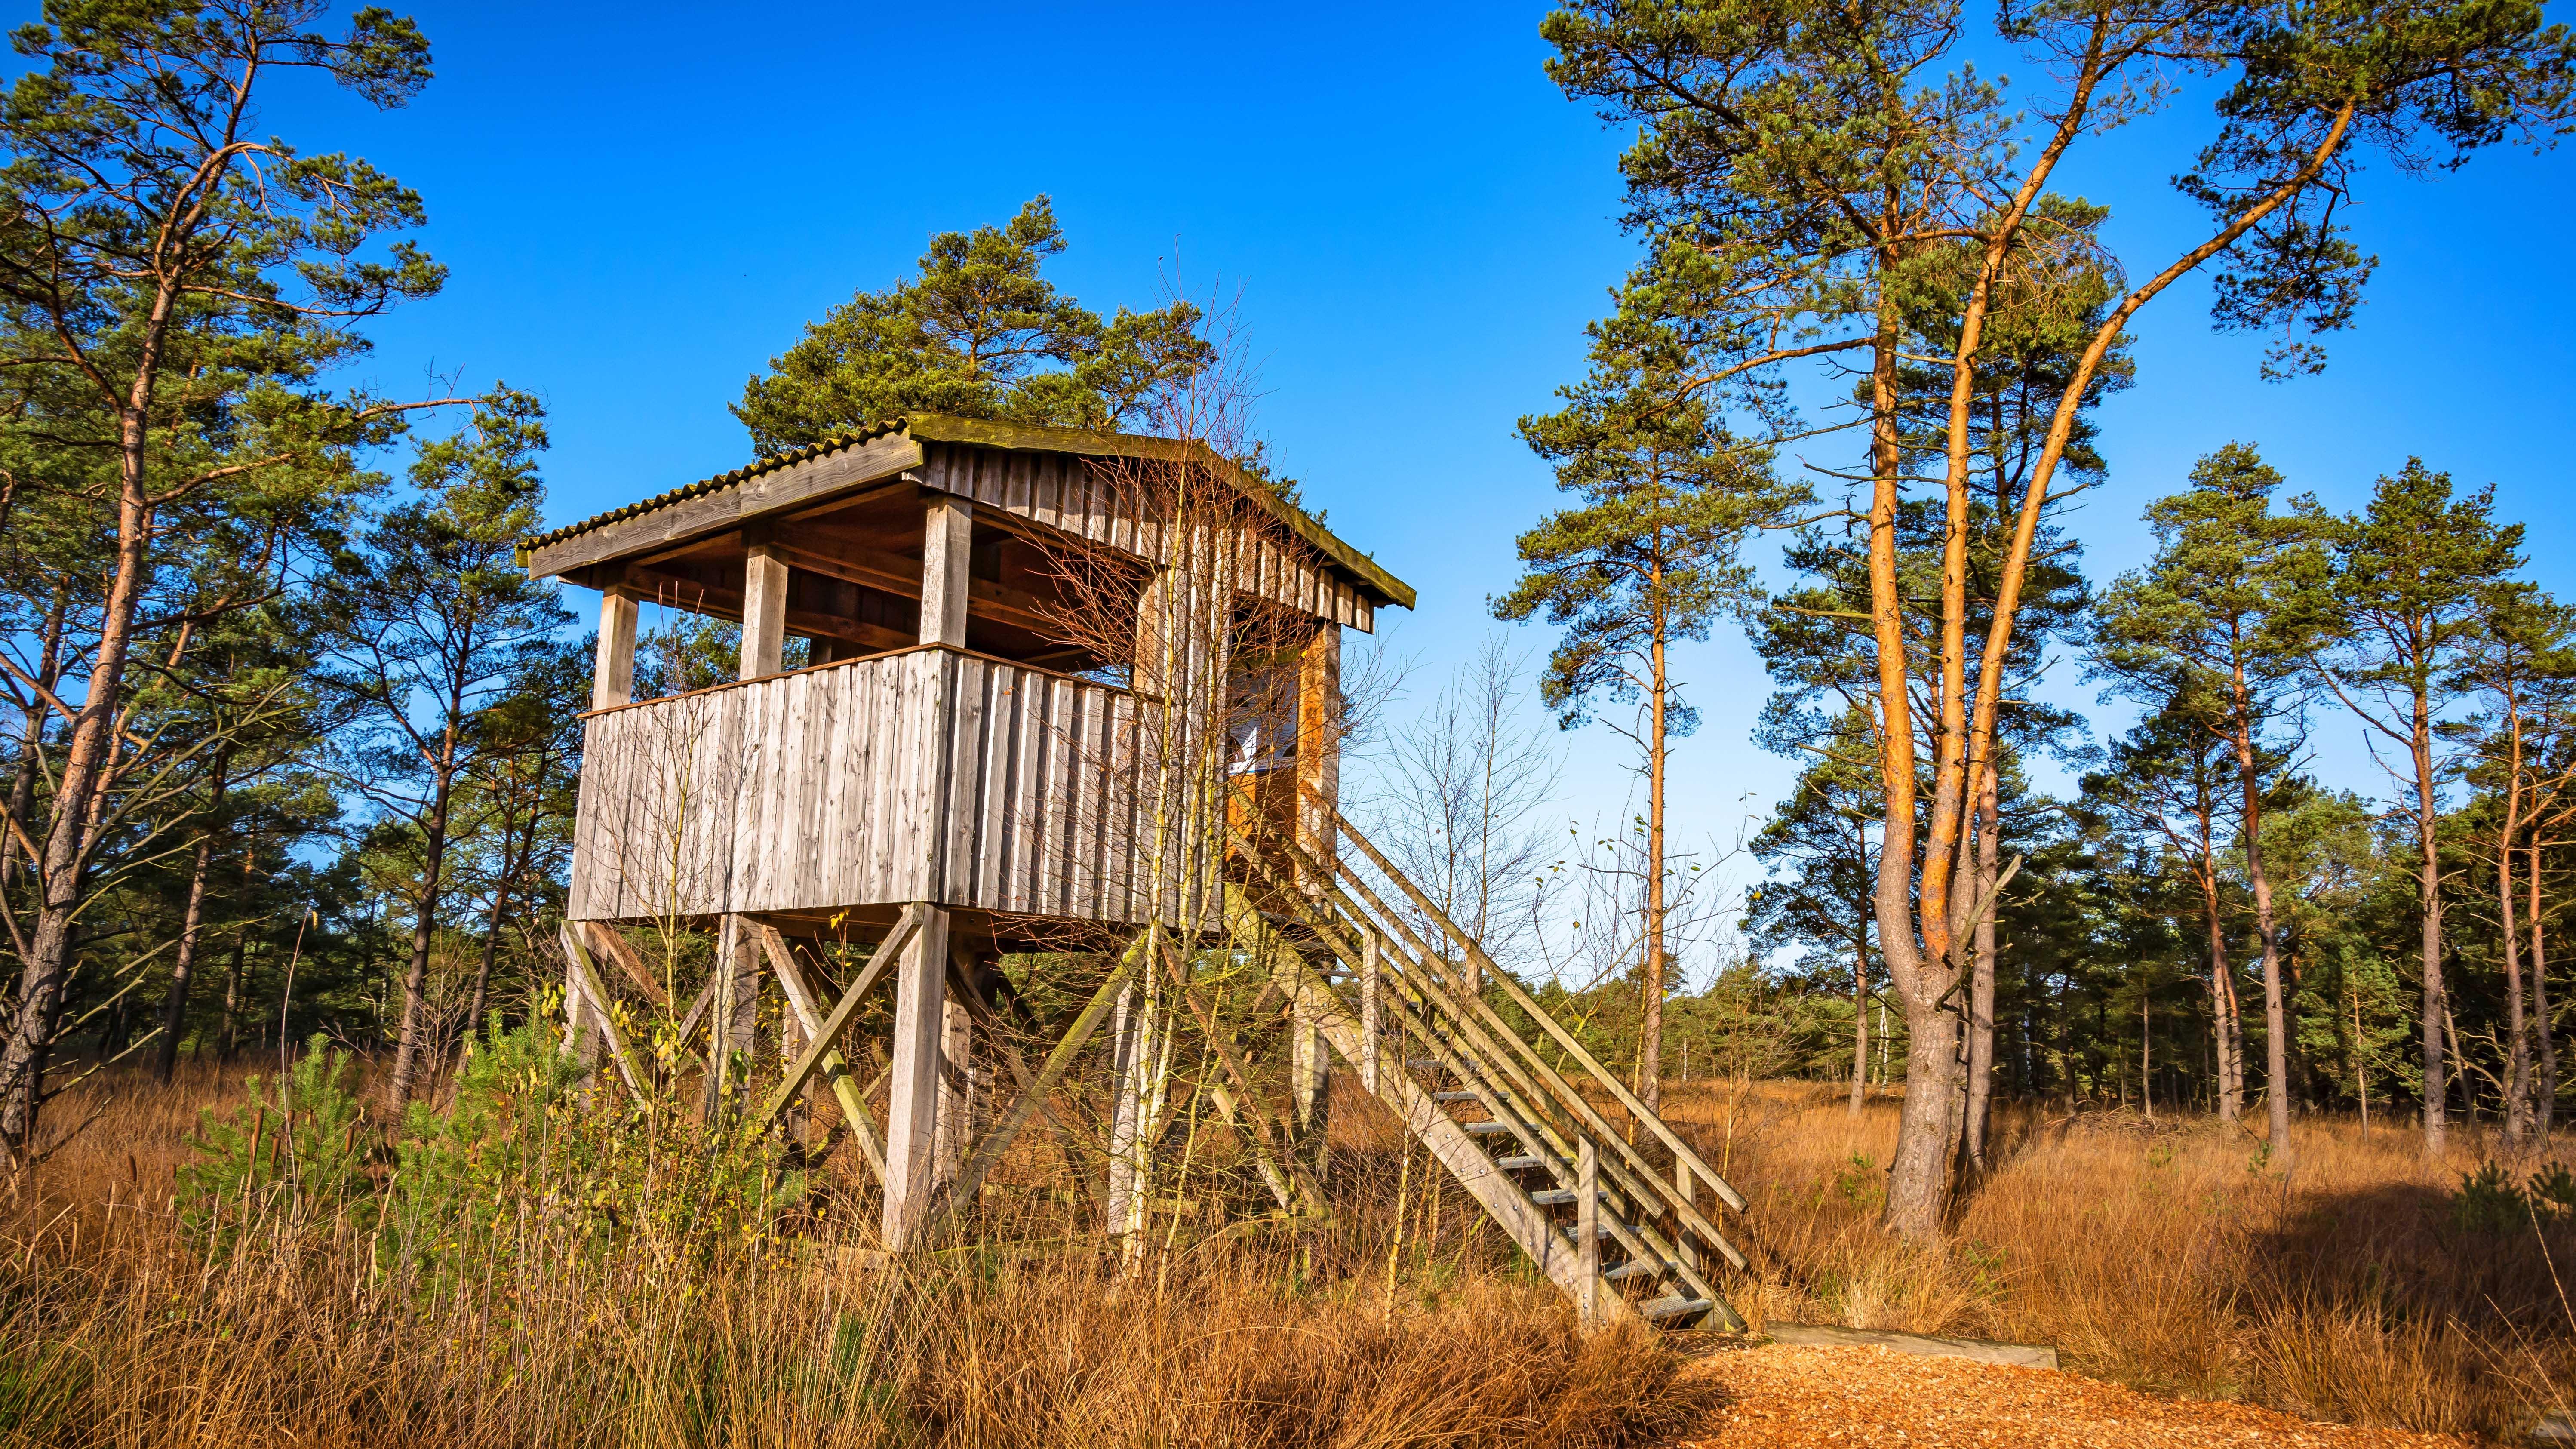 Der Aussichtsturm ... auch als Rastpaltz oder Schutzhütte nutzbar